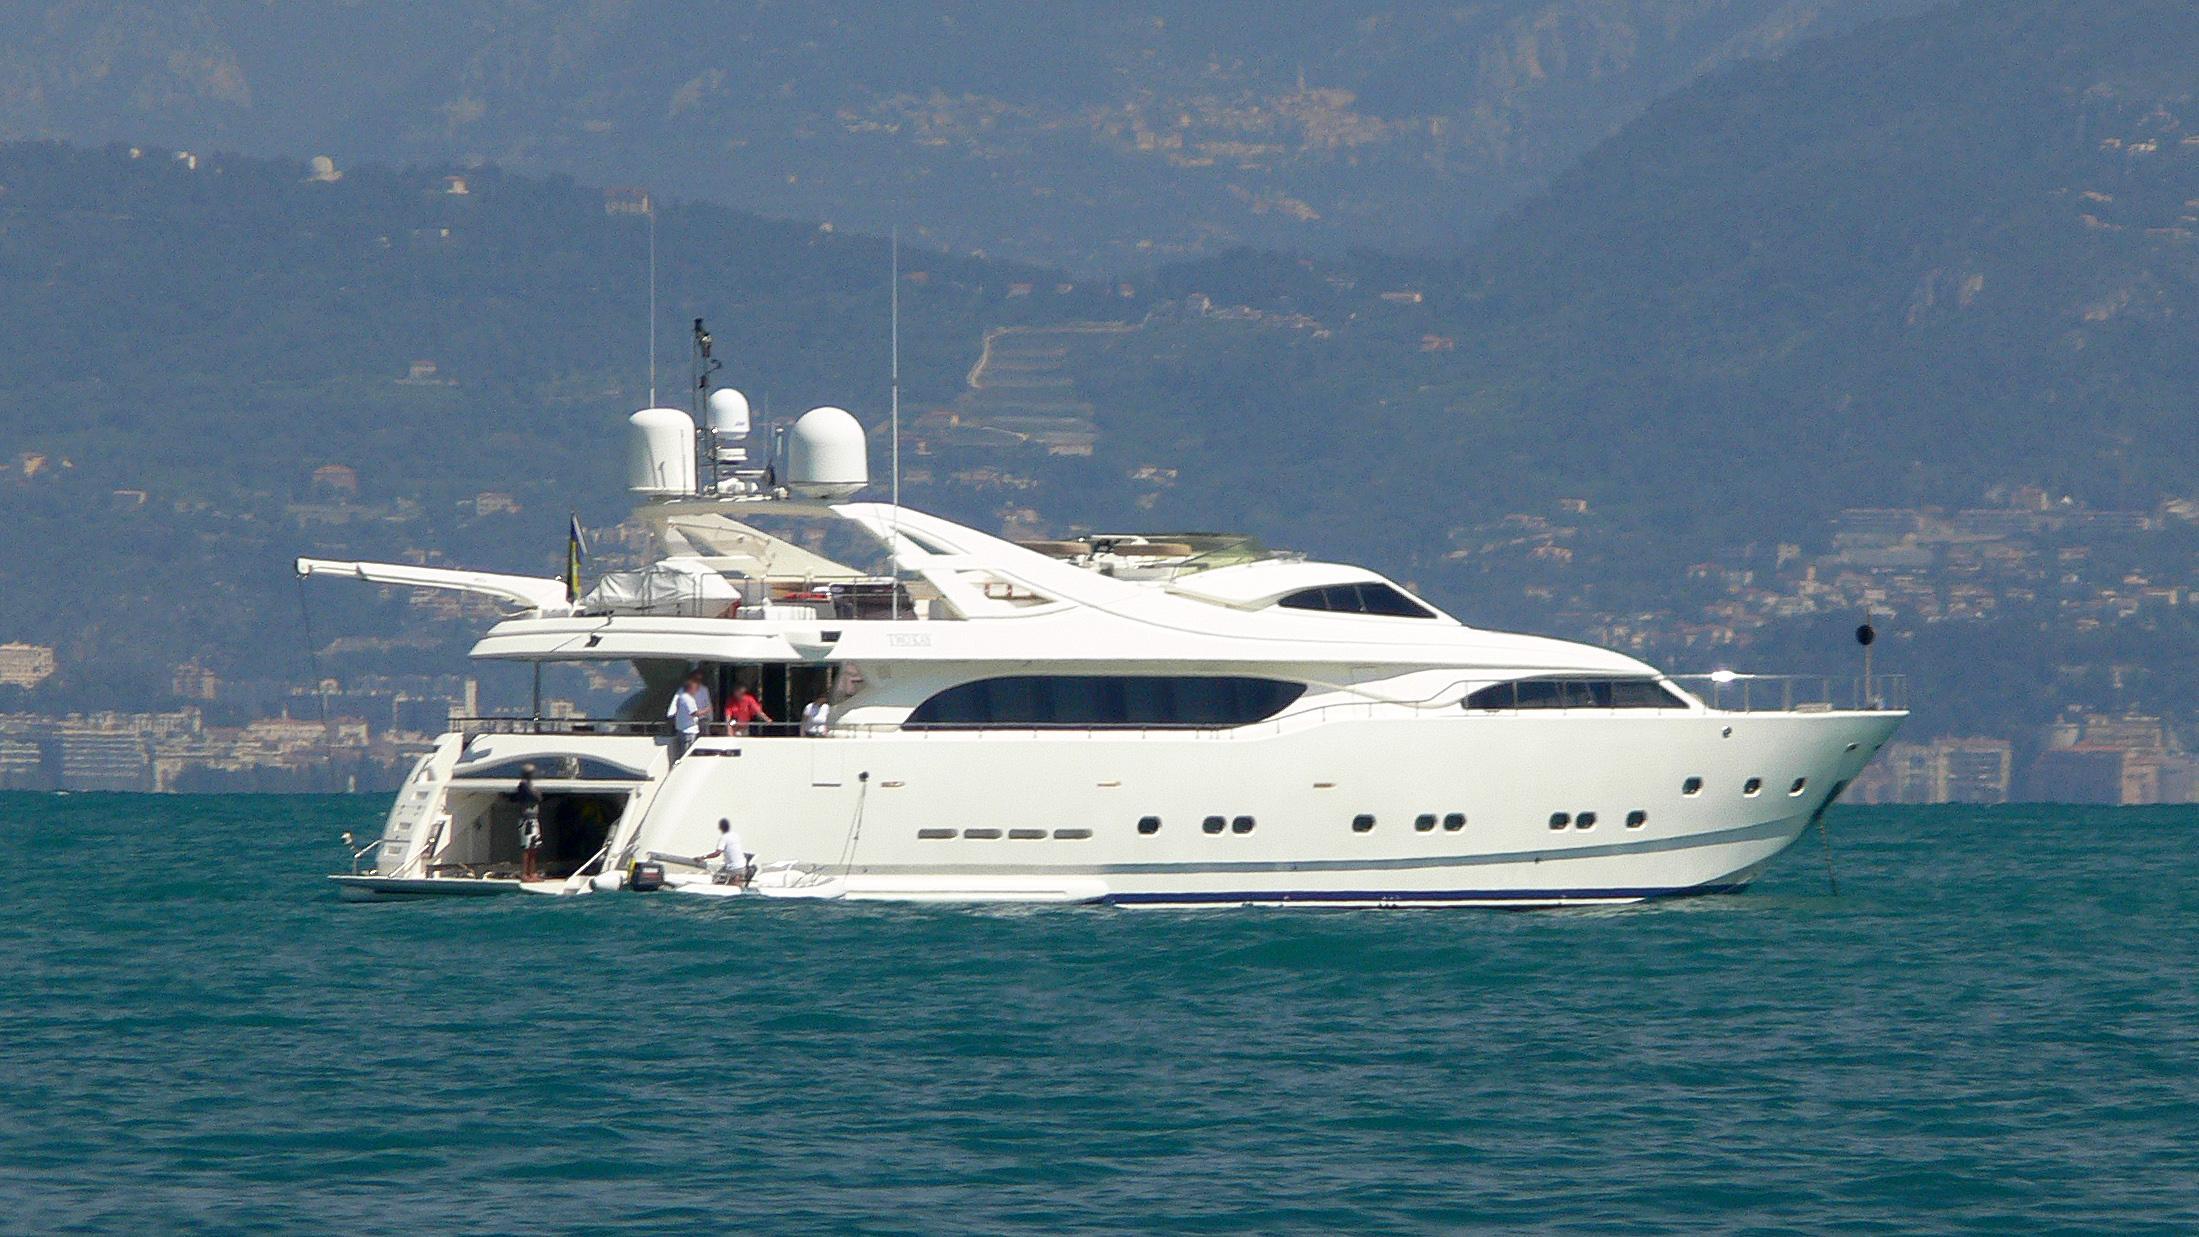 two-kay-motor-yacht-ferretti-cutsom-ine-112-2001-34m-half-profile